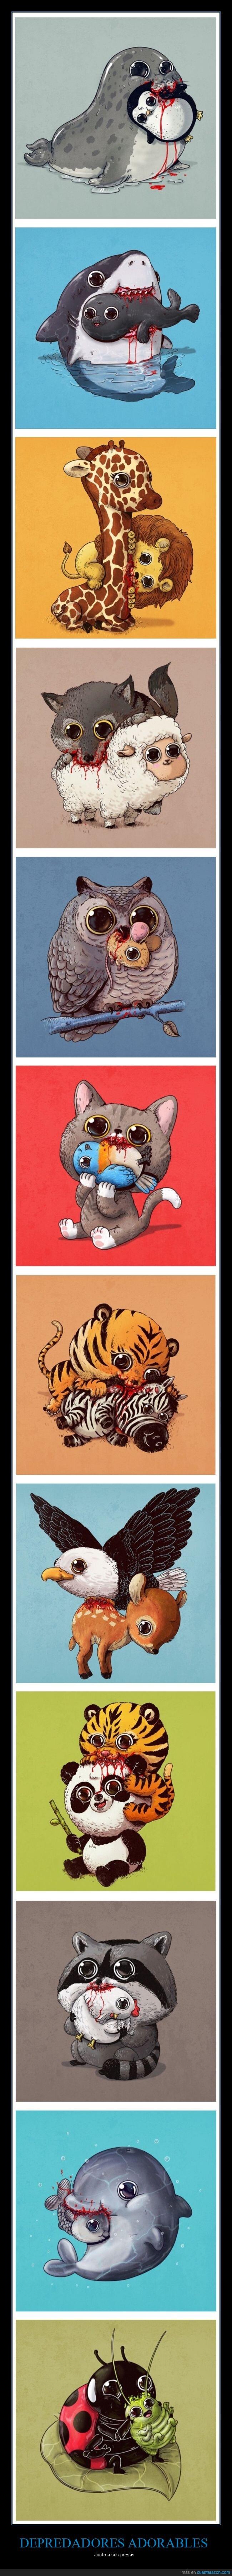 adorables,depredadores,ilustraciones,presas